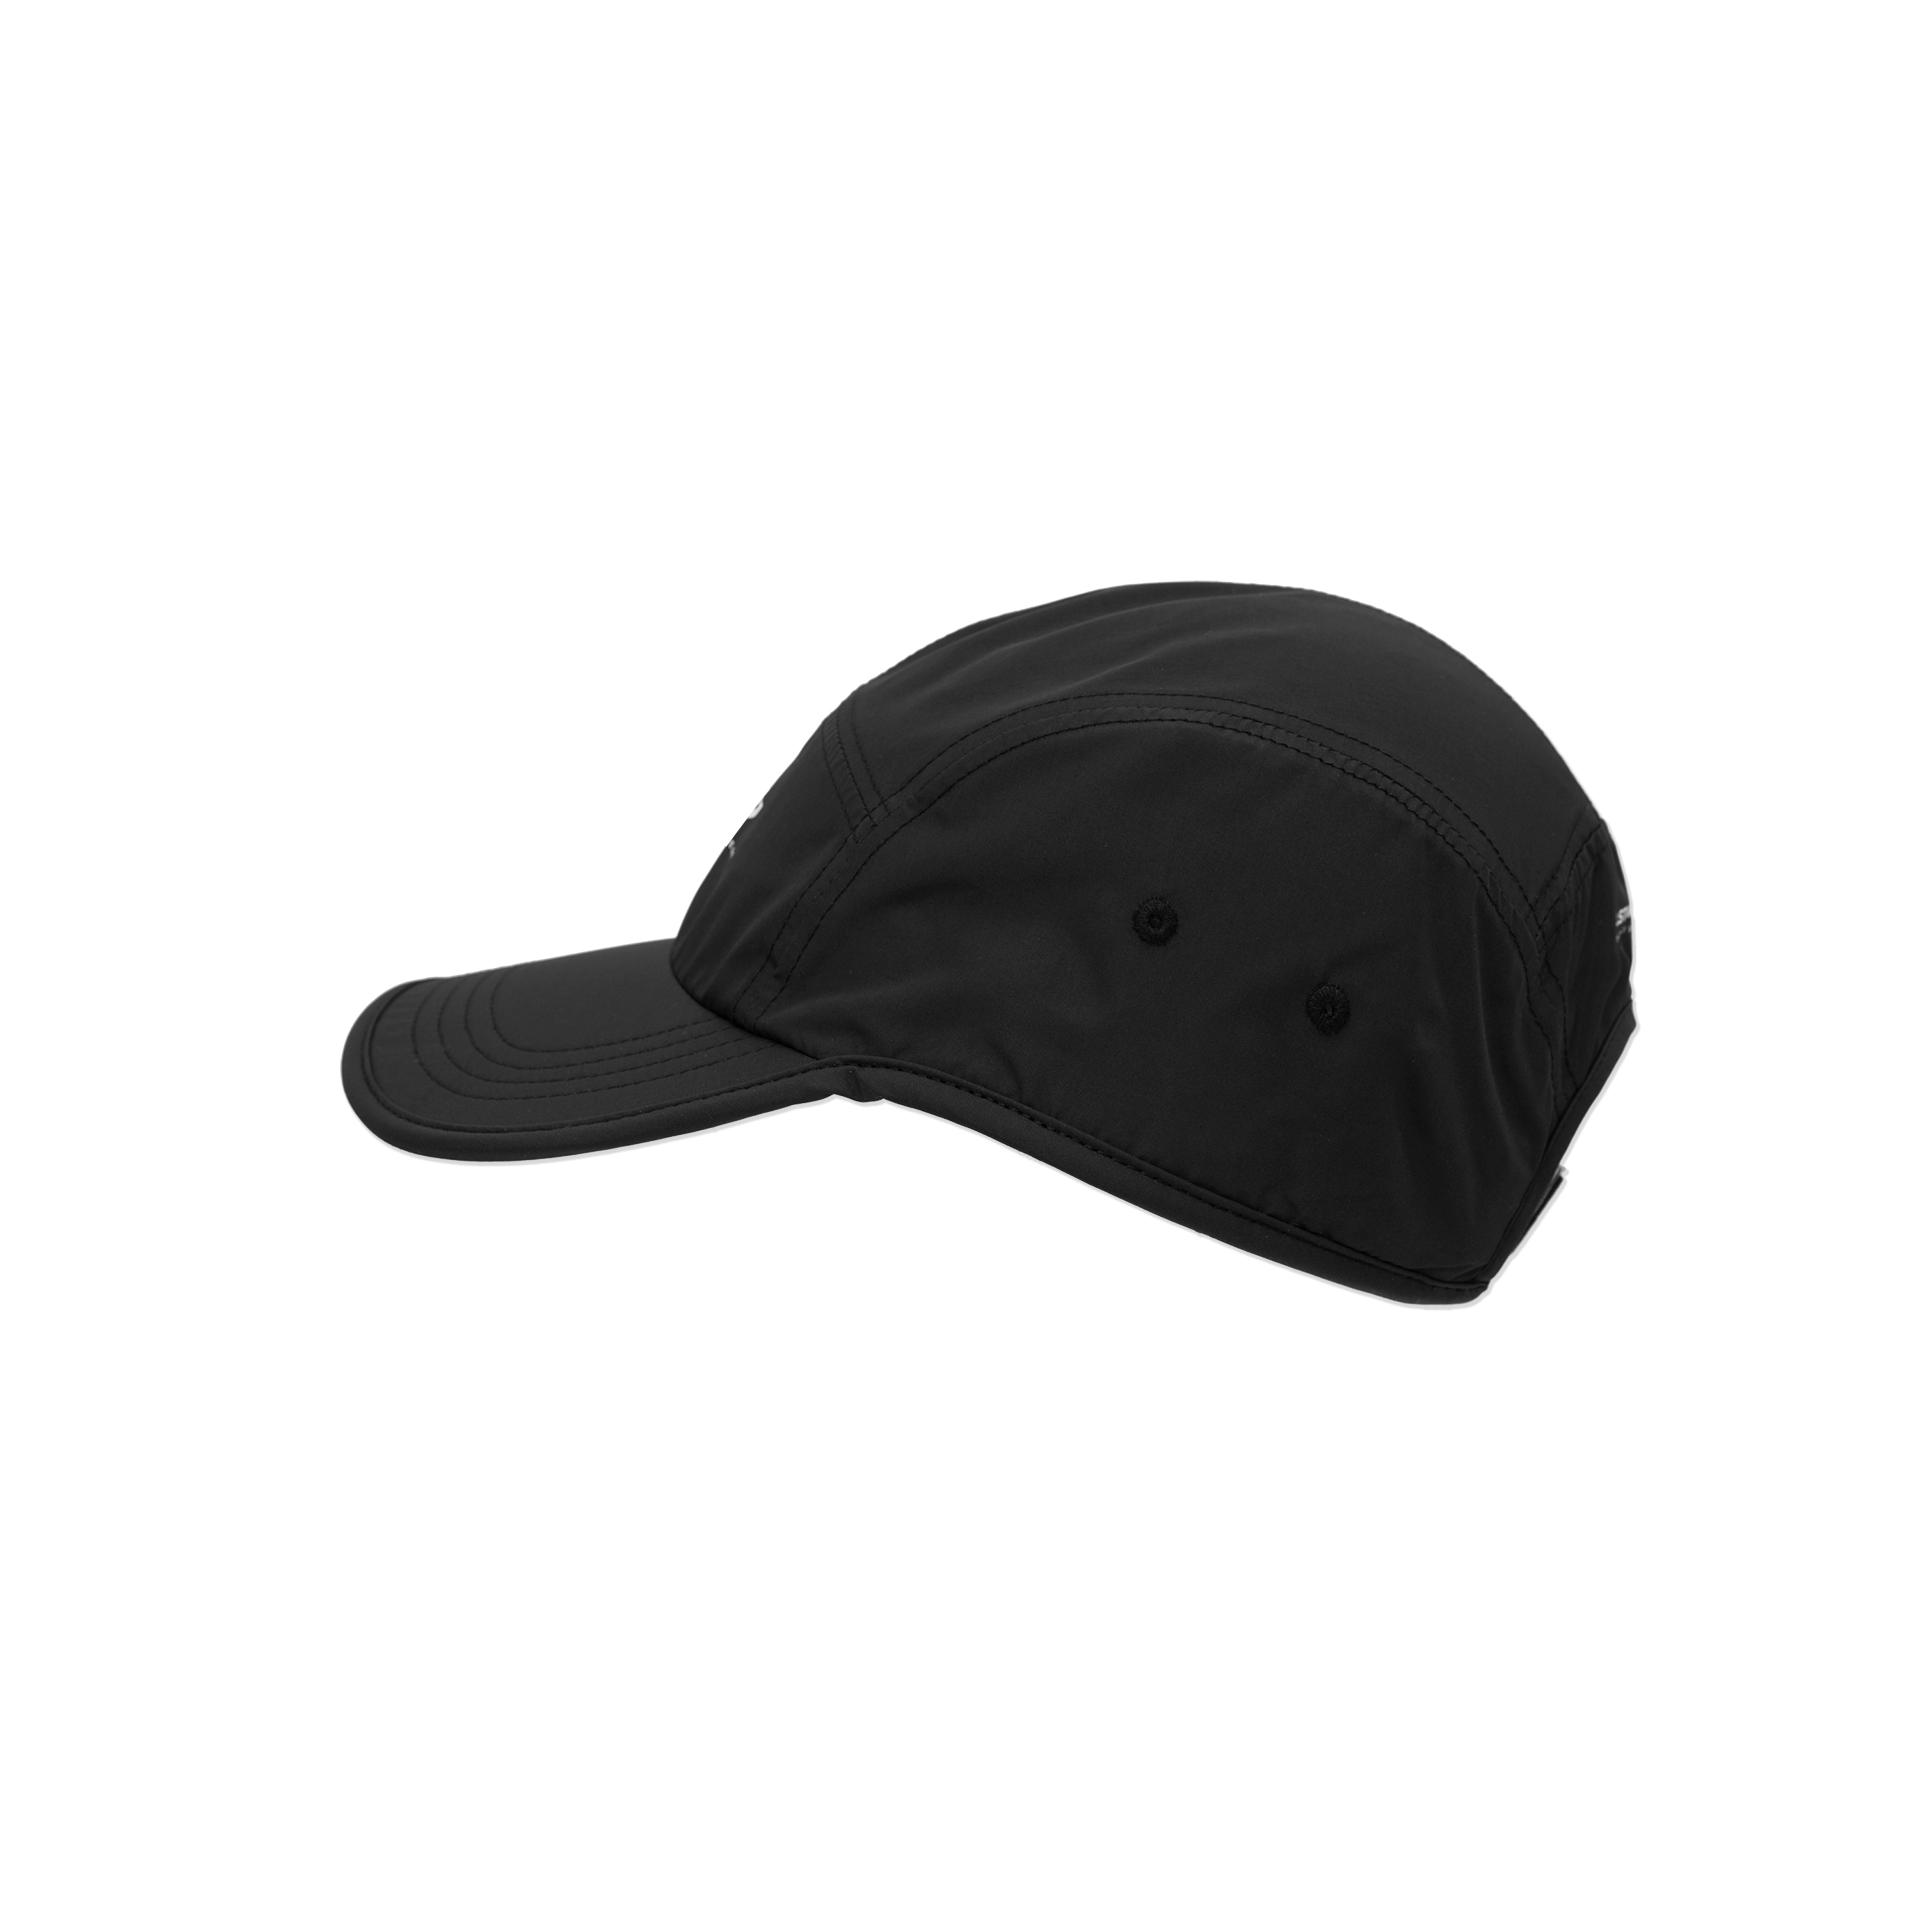 엘엠씨(LMC) LMC ACTIVE GEAR RUNNING CAP black